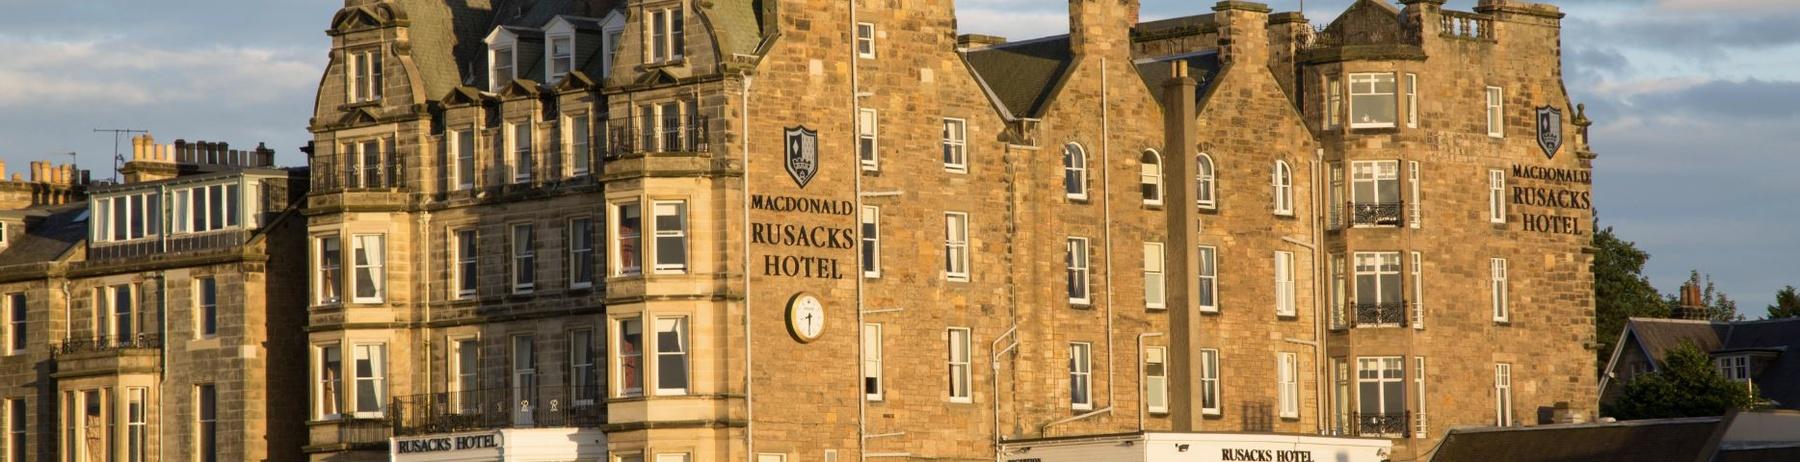 Rusacks Hotel crop